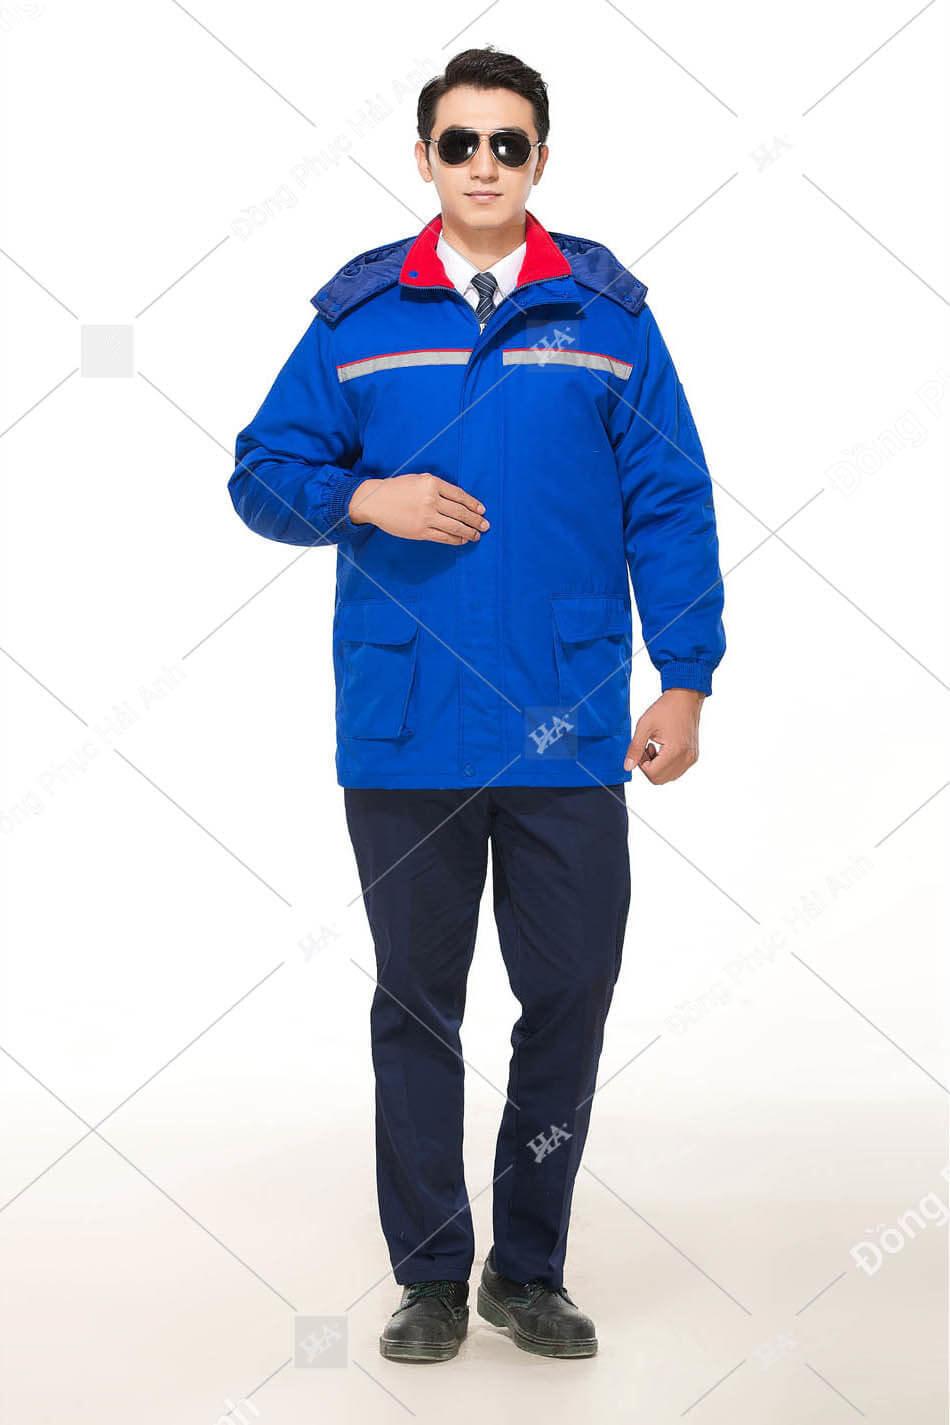 Đồng phục công nhân 11